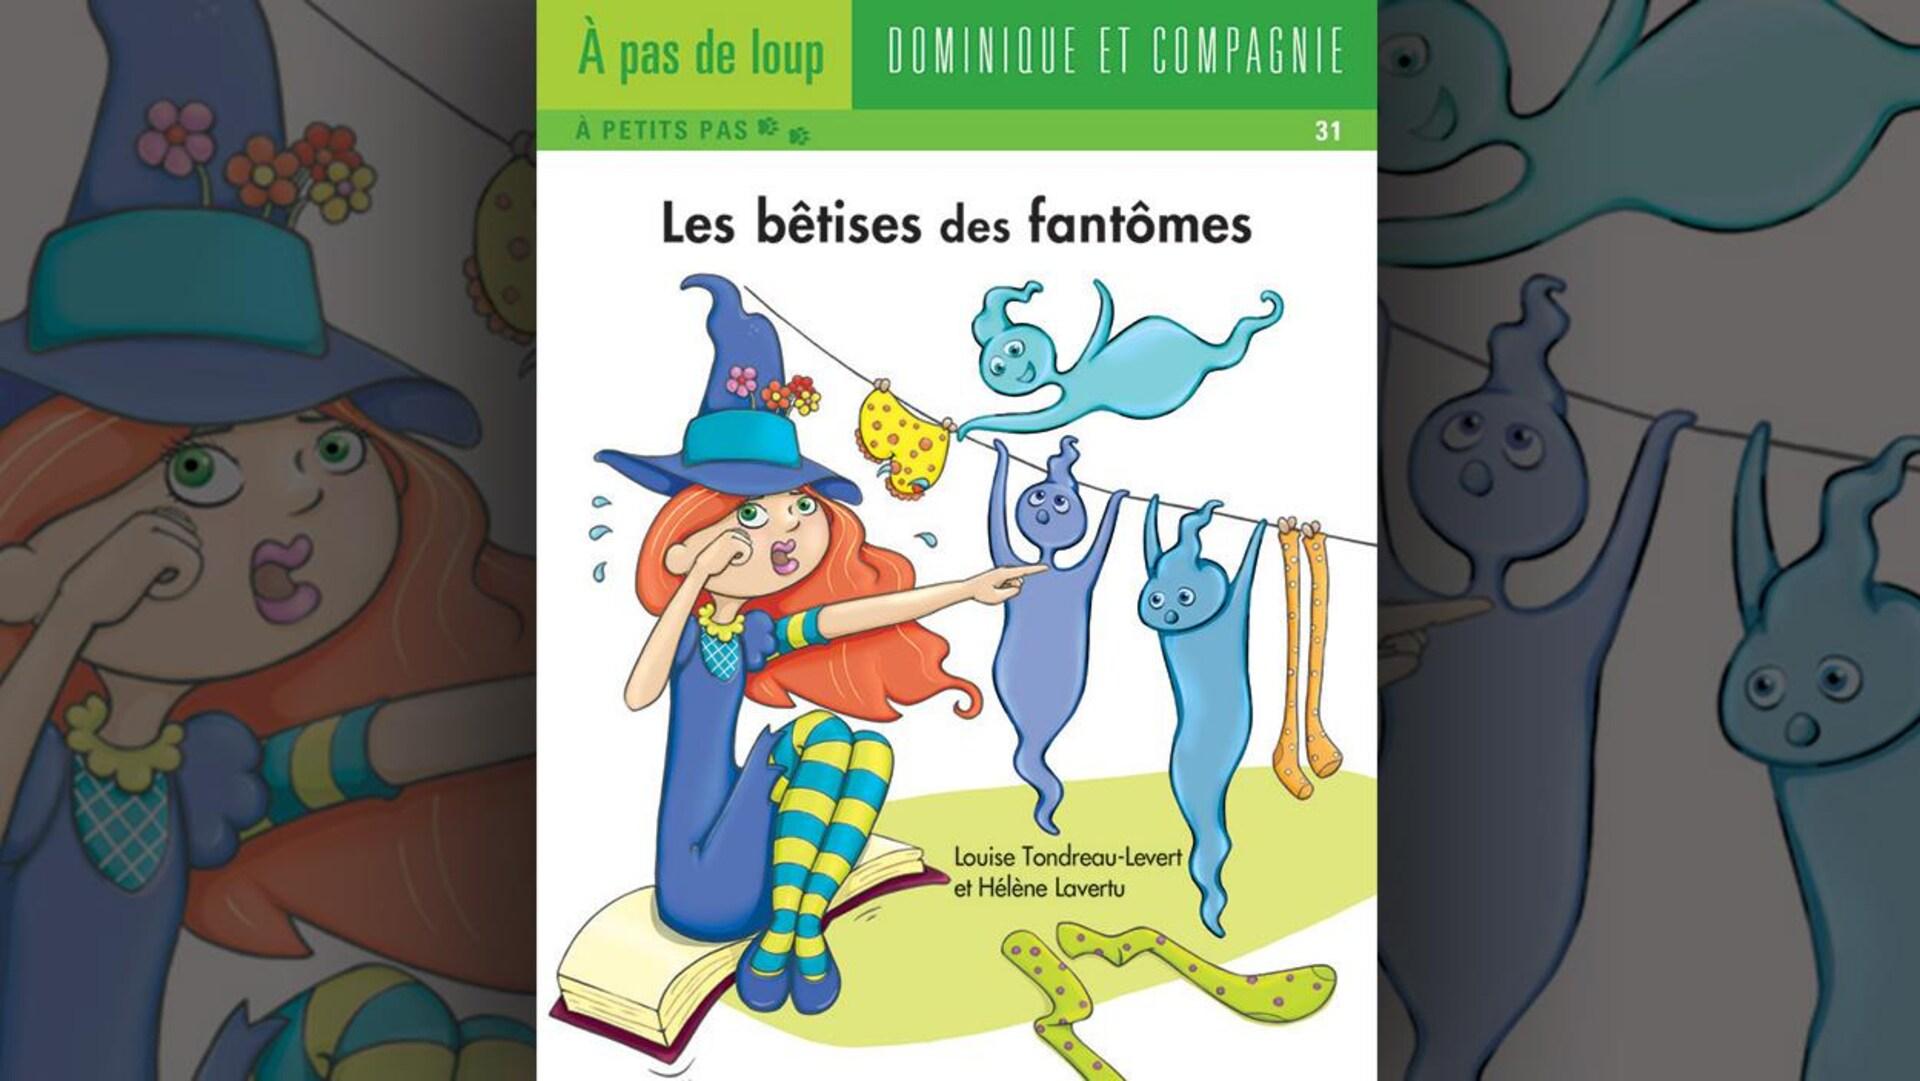 Illustration de la couverture du livre : des fantômes jouent sur une corde à linges et détachent les vêtements.